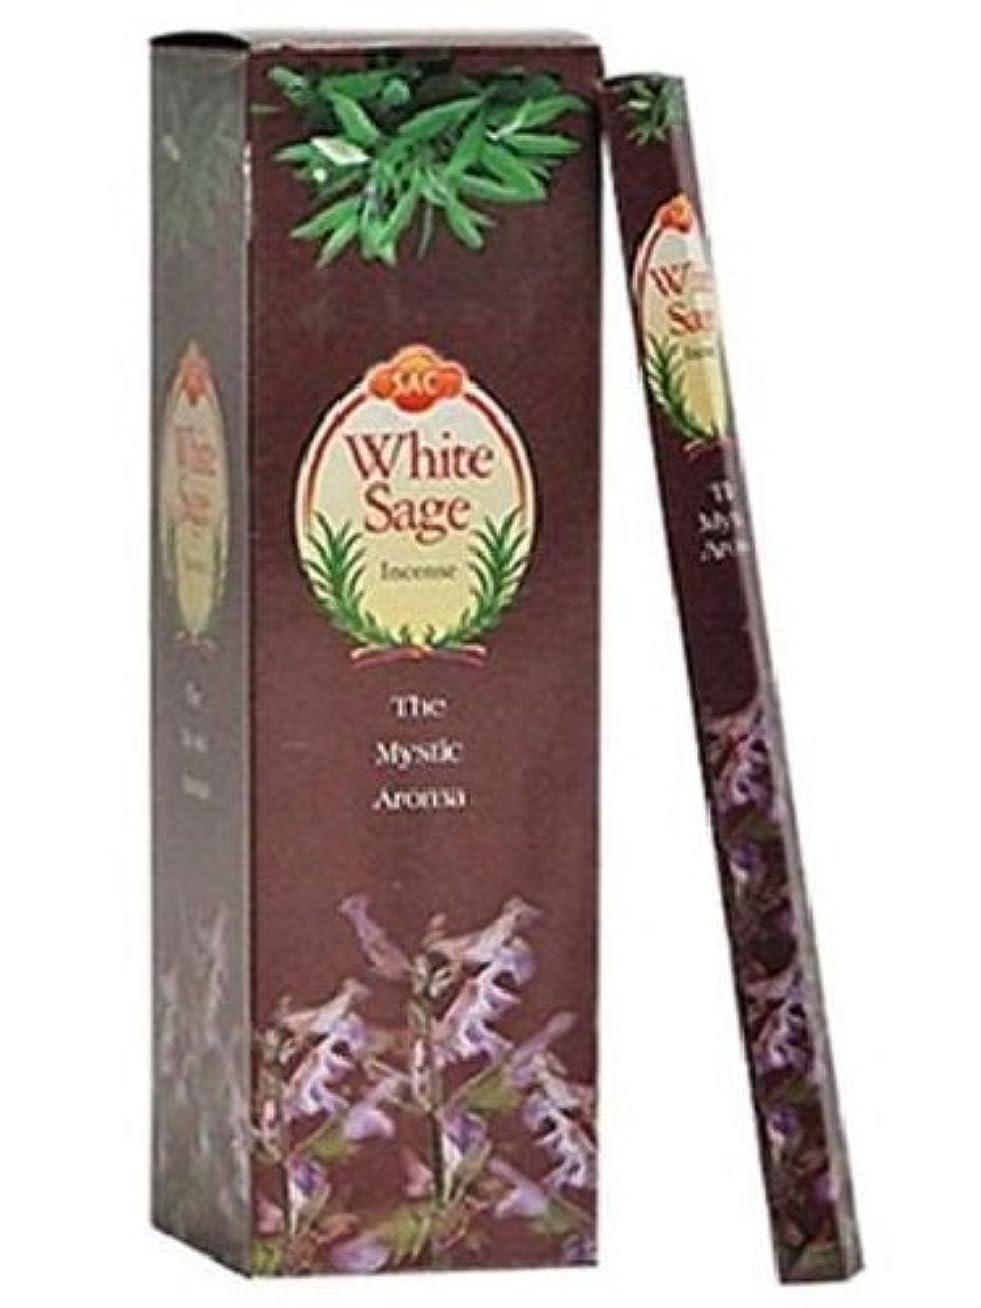 凶暴なうがい薬残り物JBJ Sac White Sage Incense, 120-Sticks by JBJ [並行輸入品]